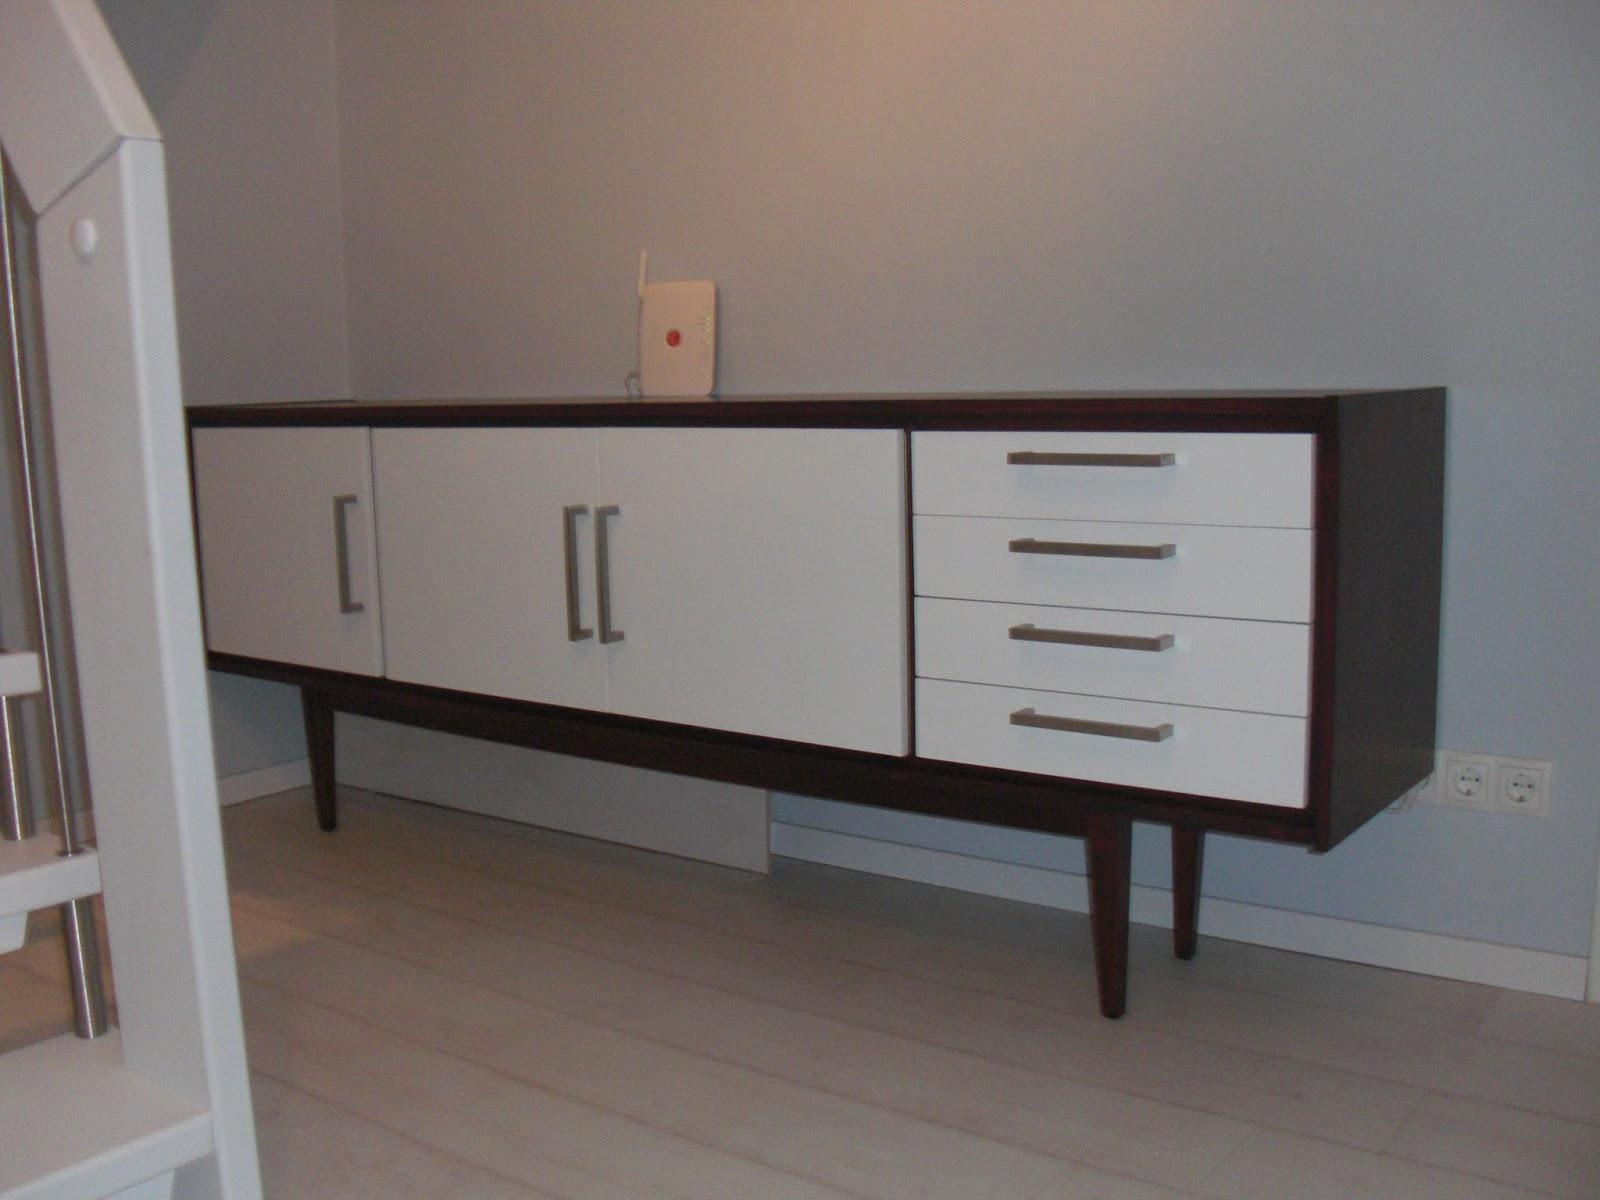 heim elich 2 in 1 sideboard. Black Bedroom Furniture Sets. Home Design Ideas